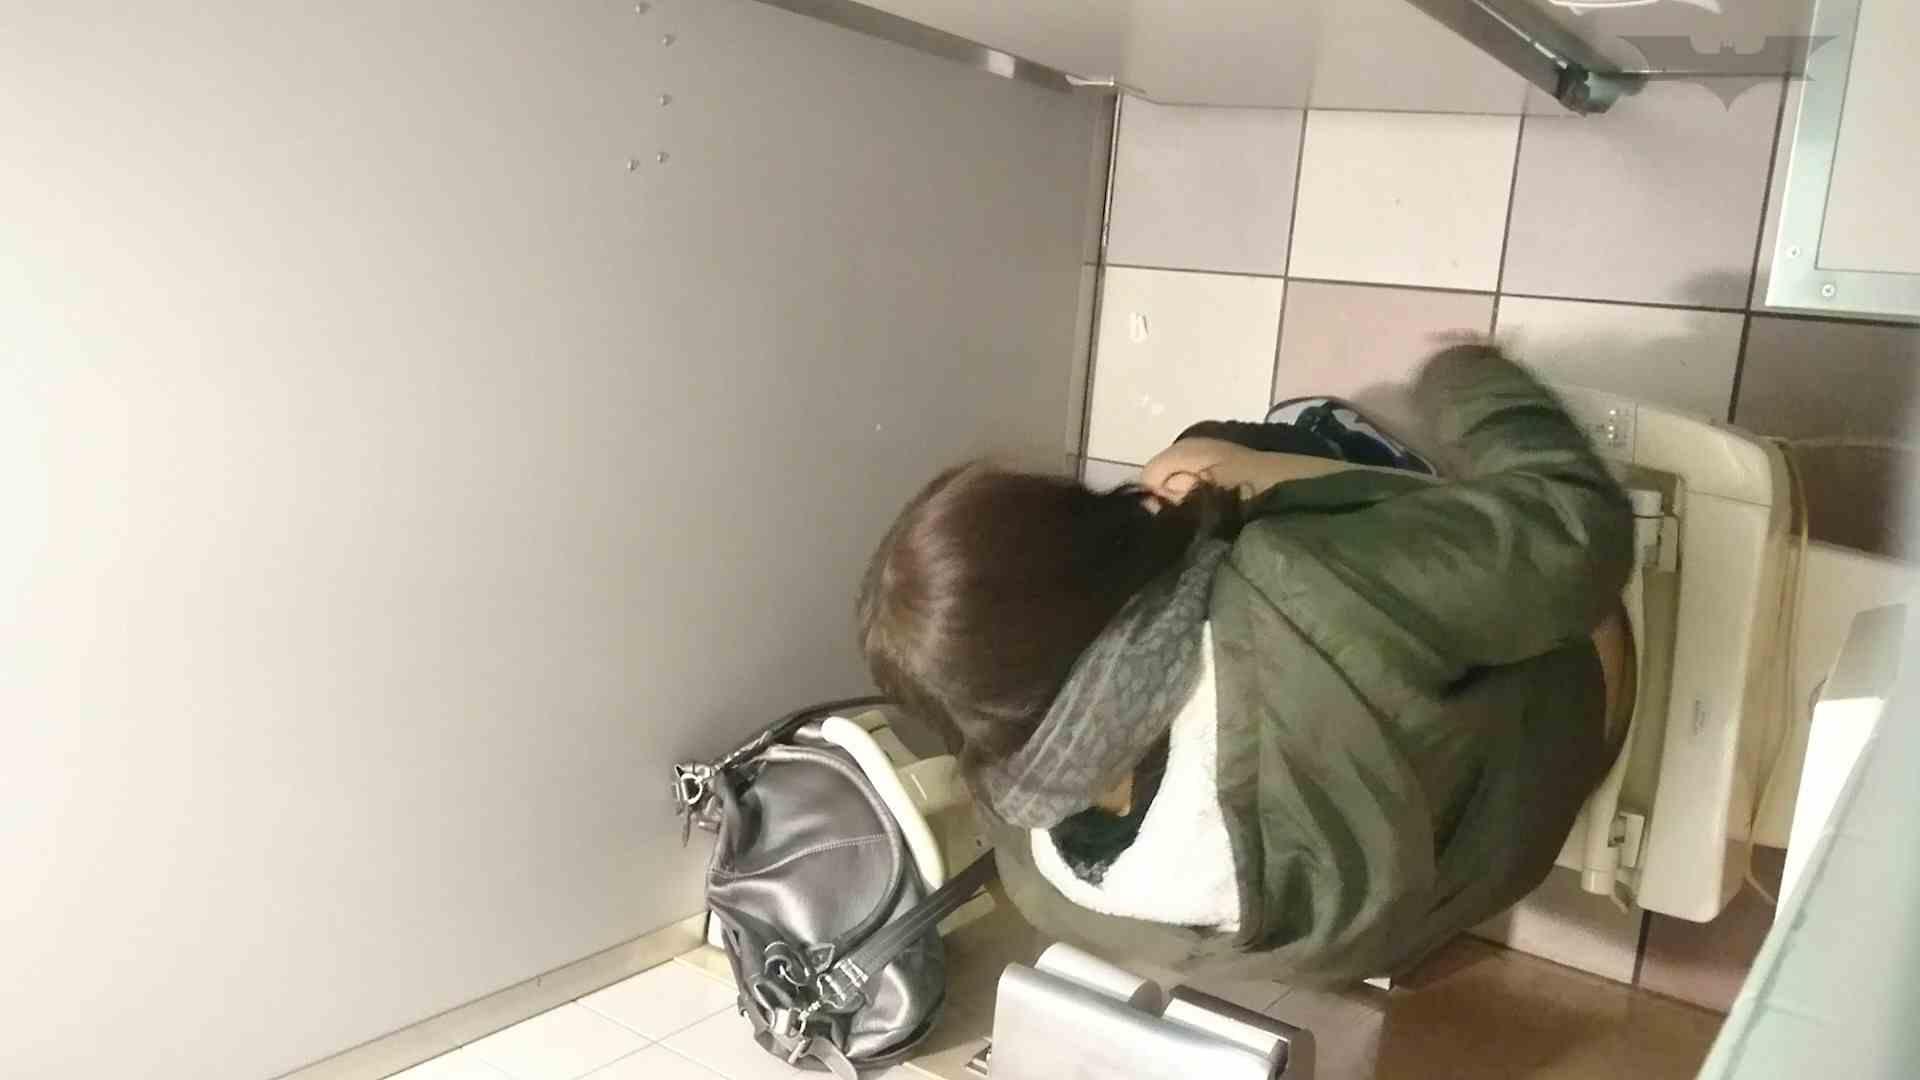 化粧室絵巻 ショッピングモール編 VOL.14 丸見えマンコ   洗面所  61画像 2